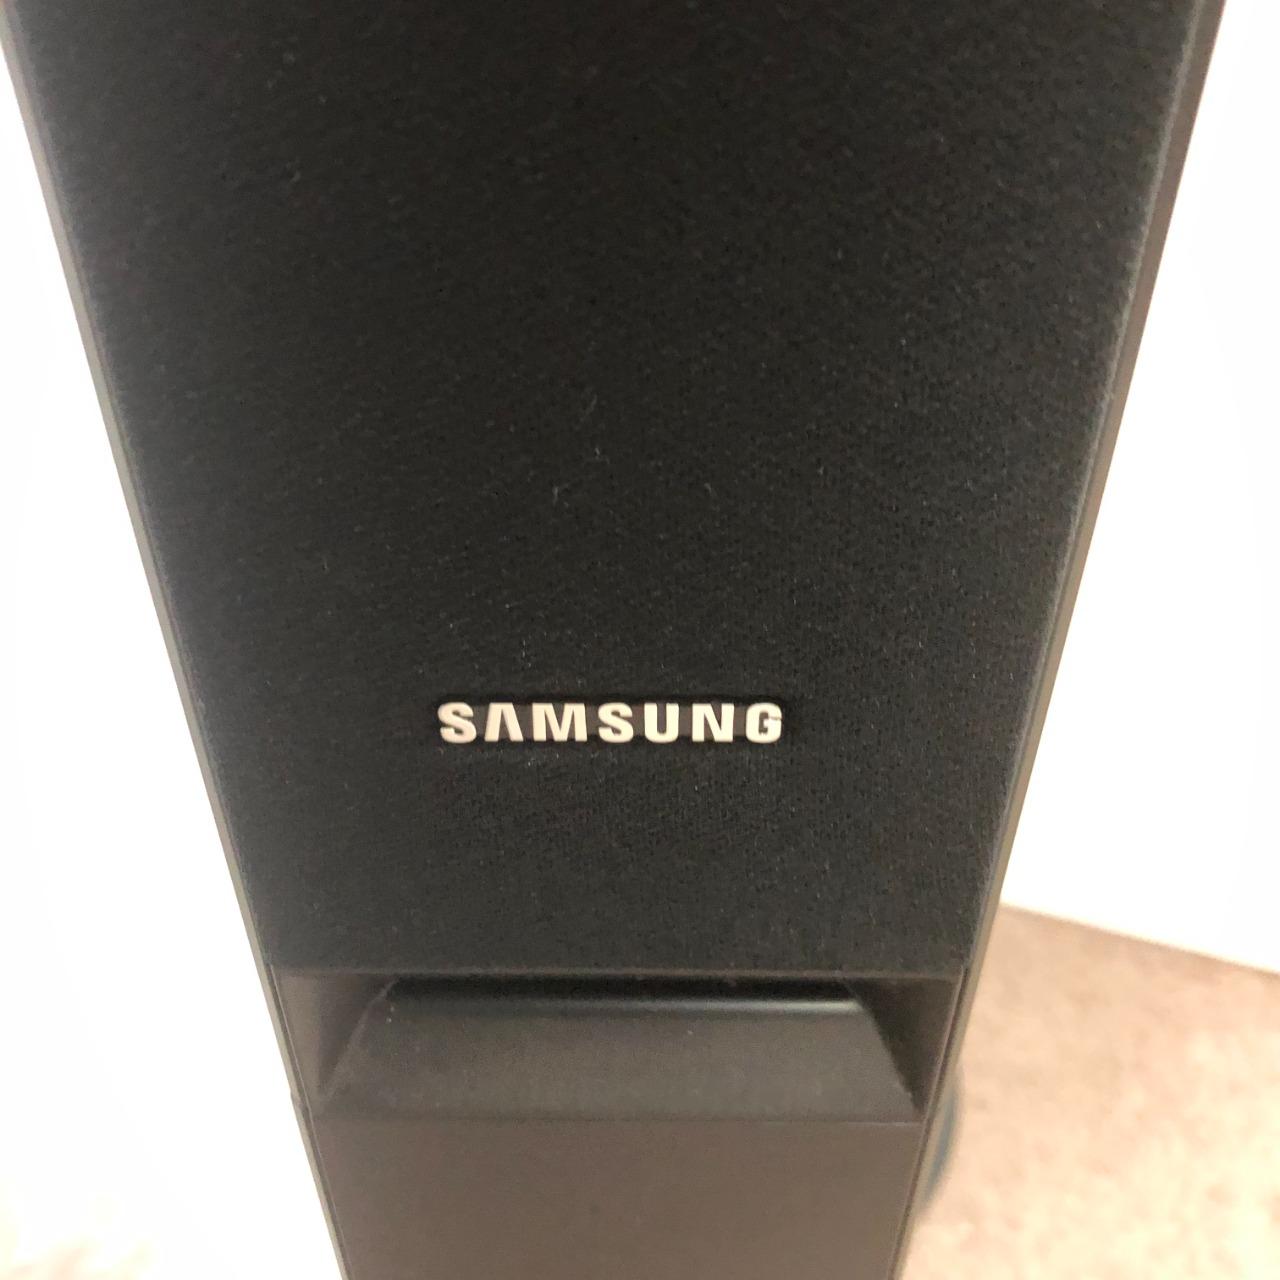 Samsung Digital Sound Speaker system +Subwoofer